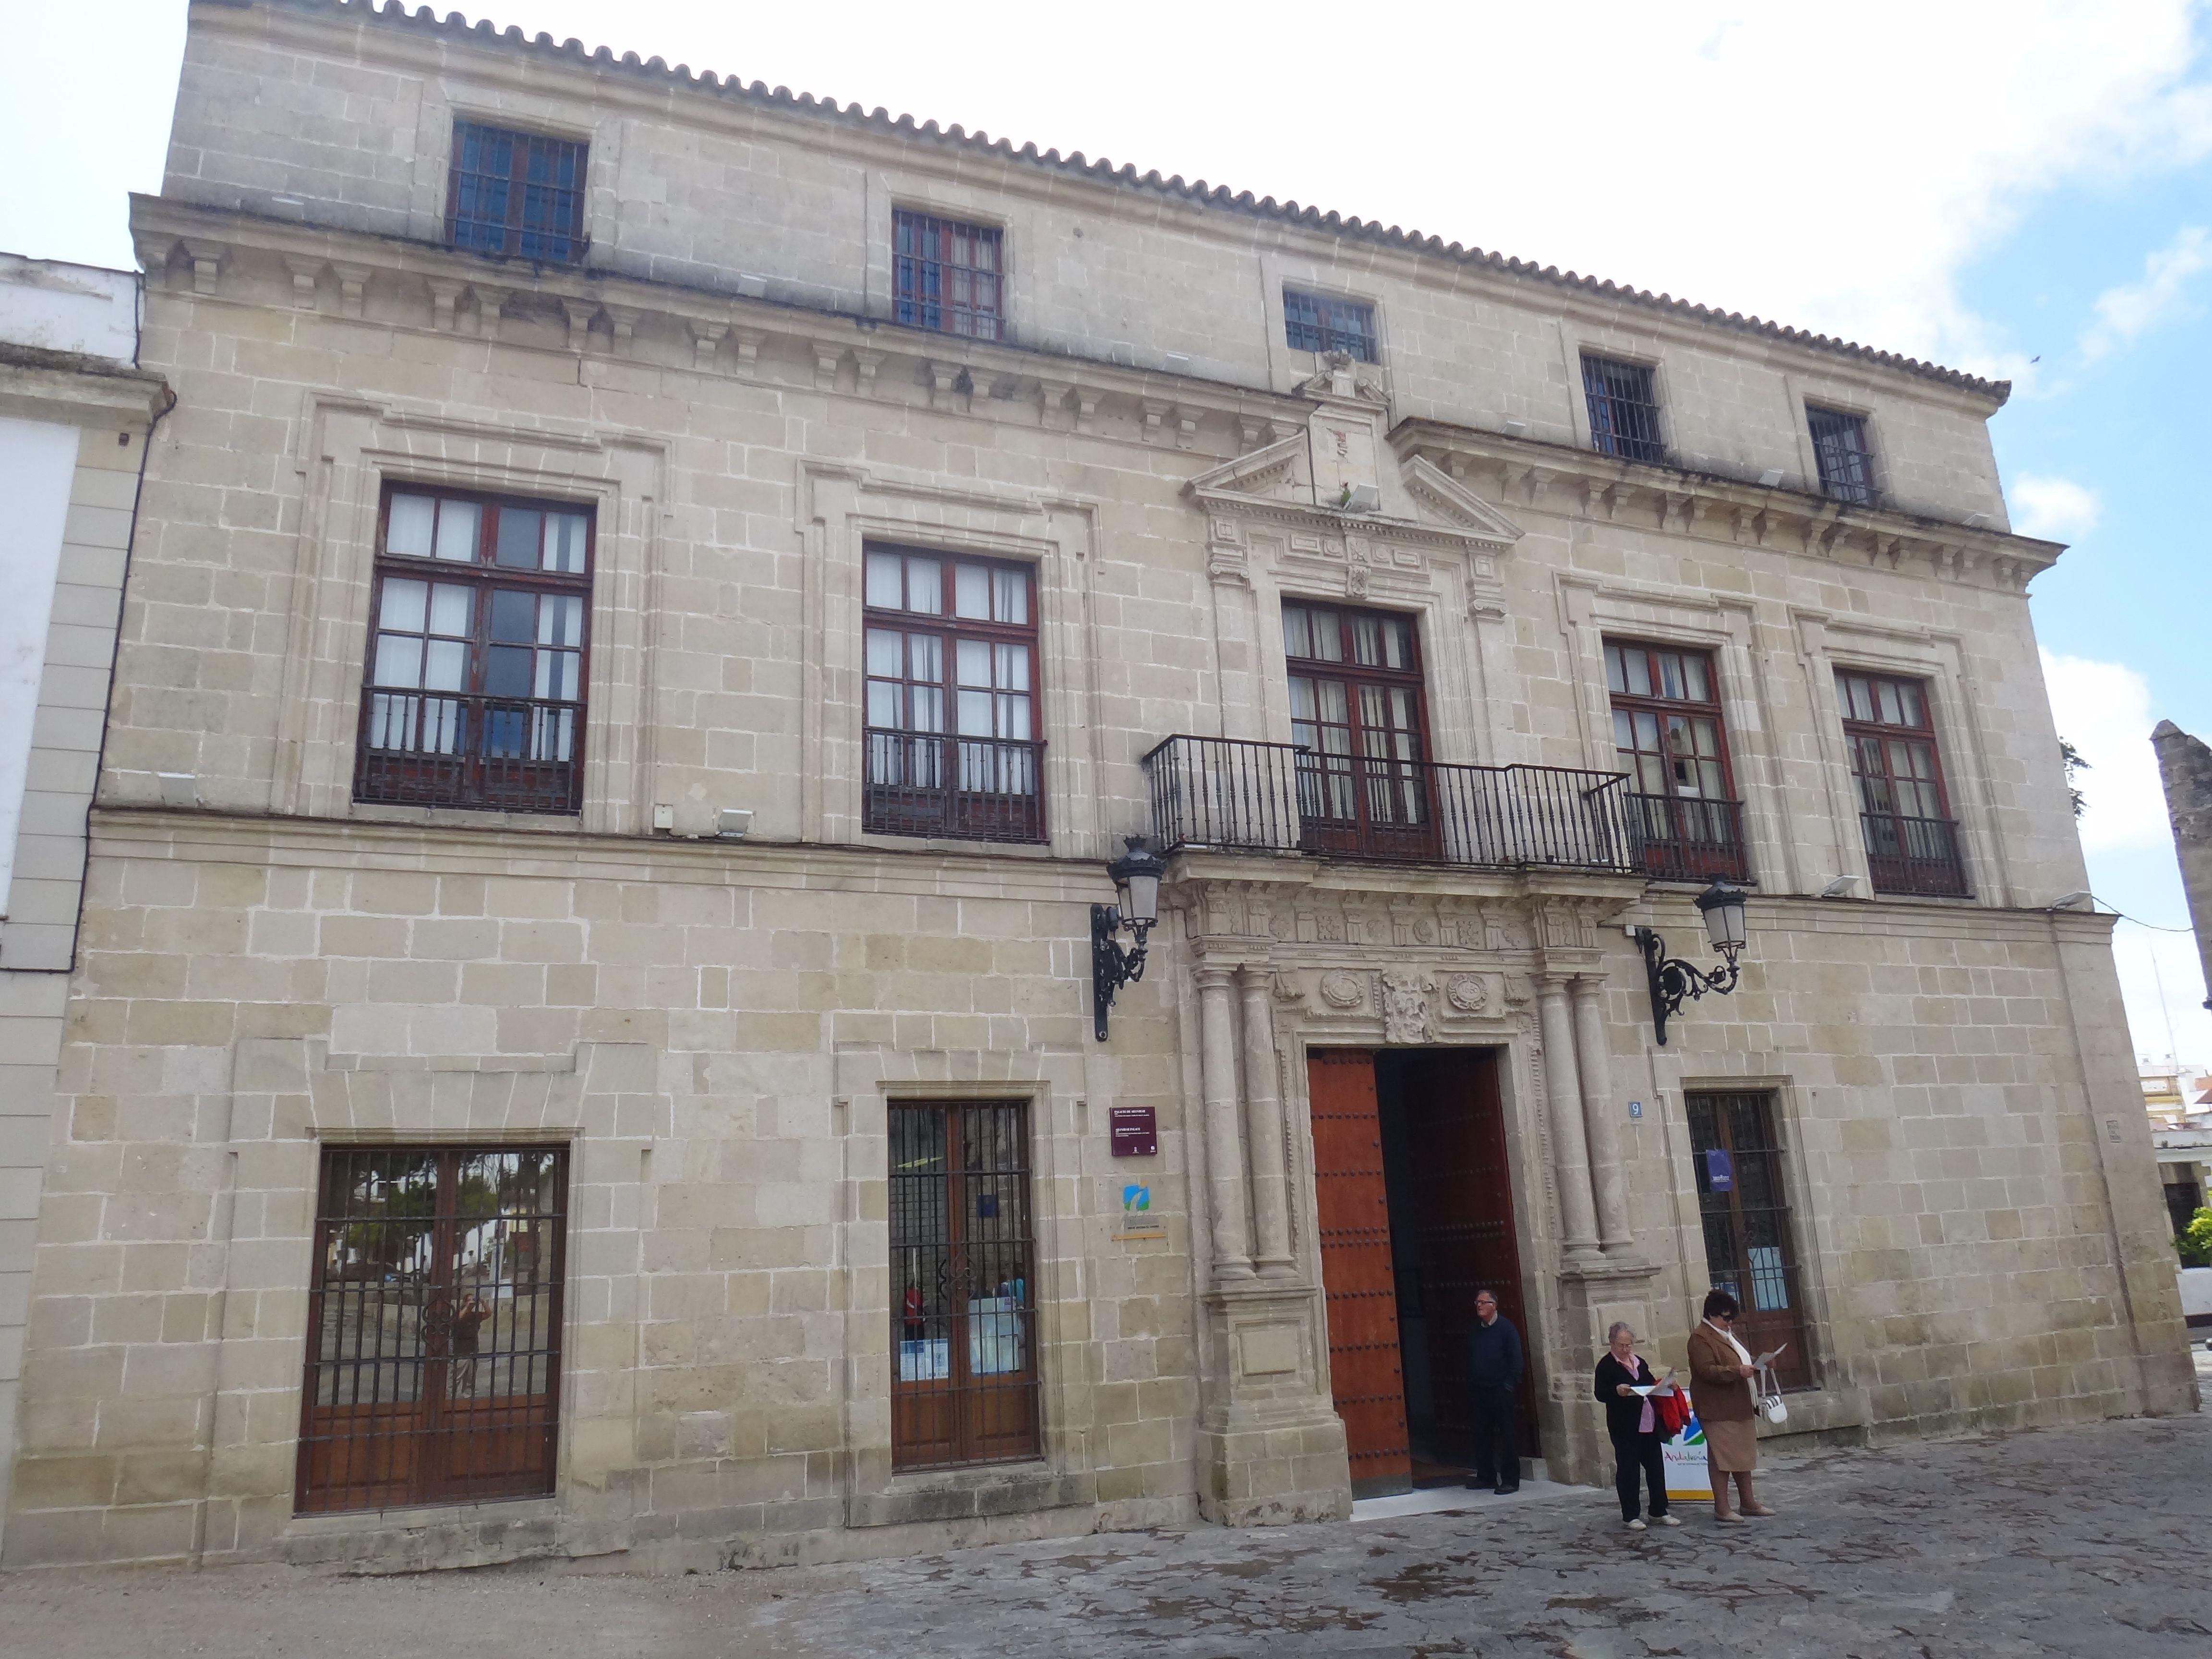 Palacio de aran bar actual oficina de turismo del puerto for Oficina turismo cadiz